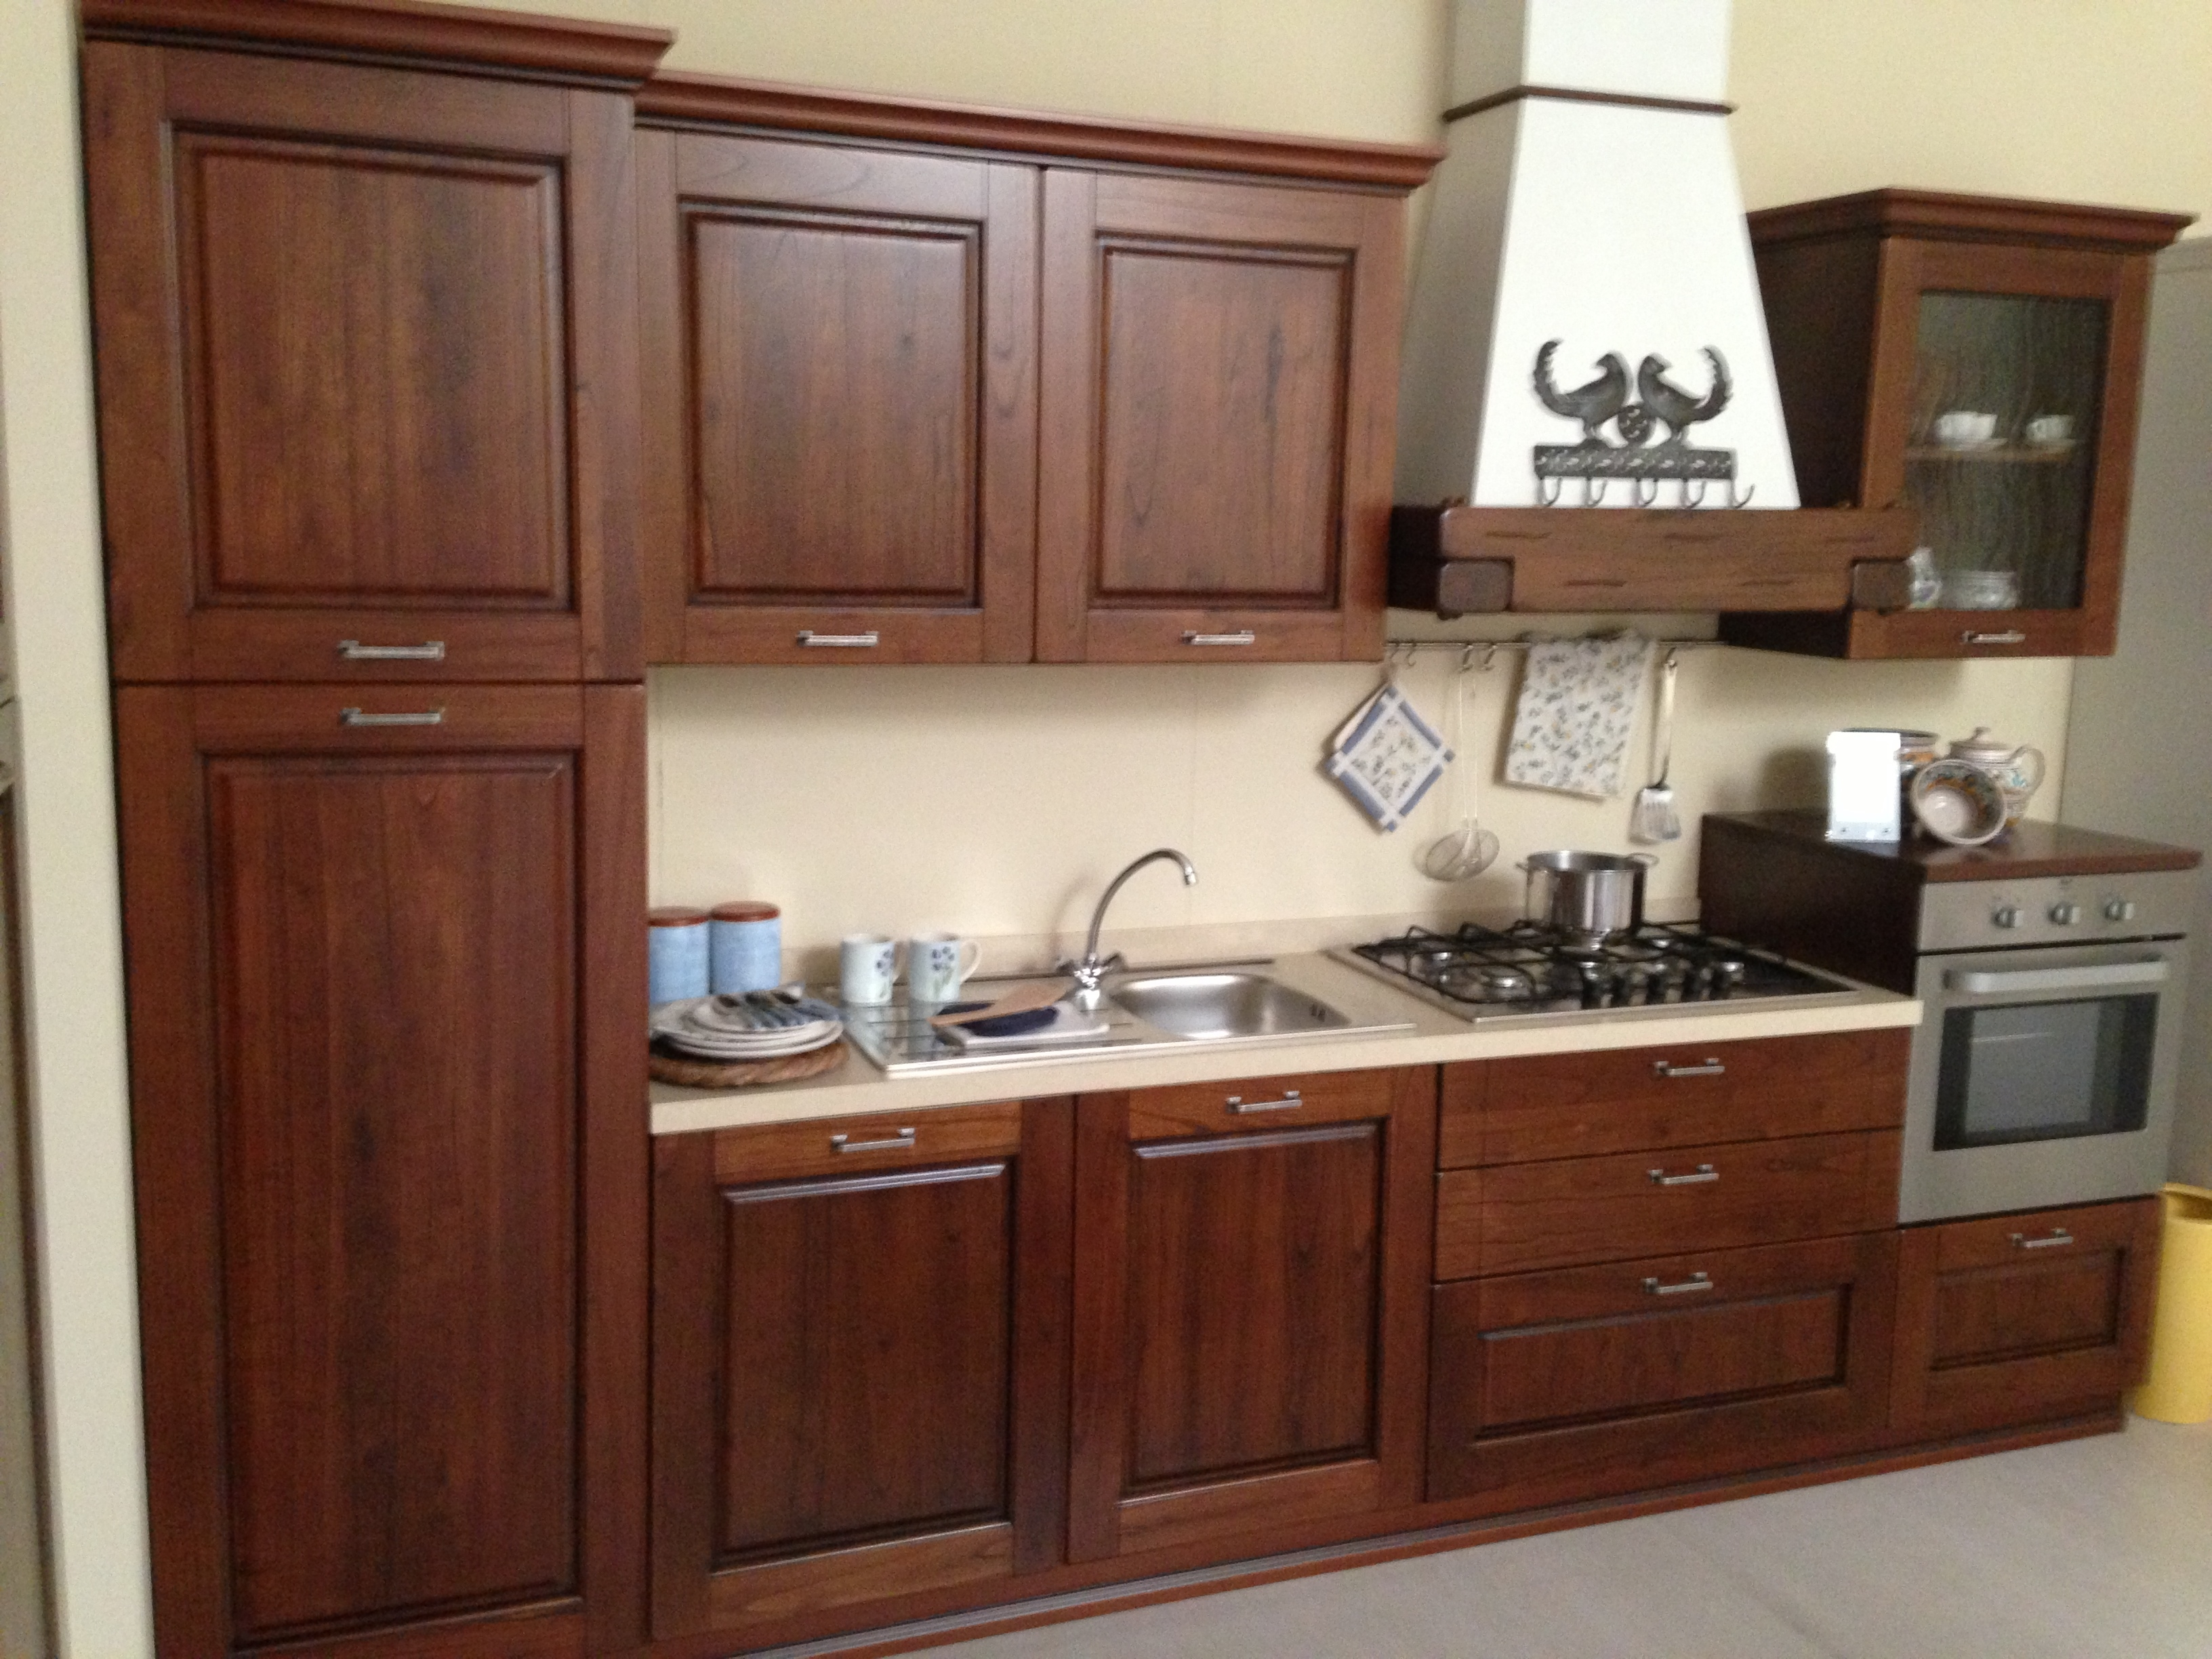 Cucina classica cm330 cucine a prezzi scontati for Cucine classiche